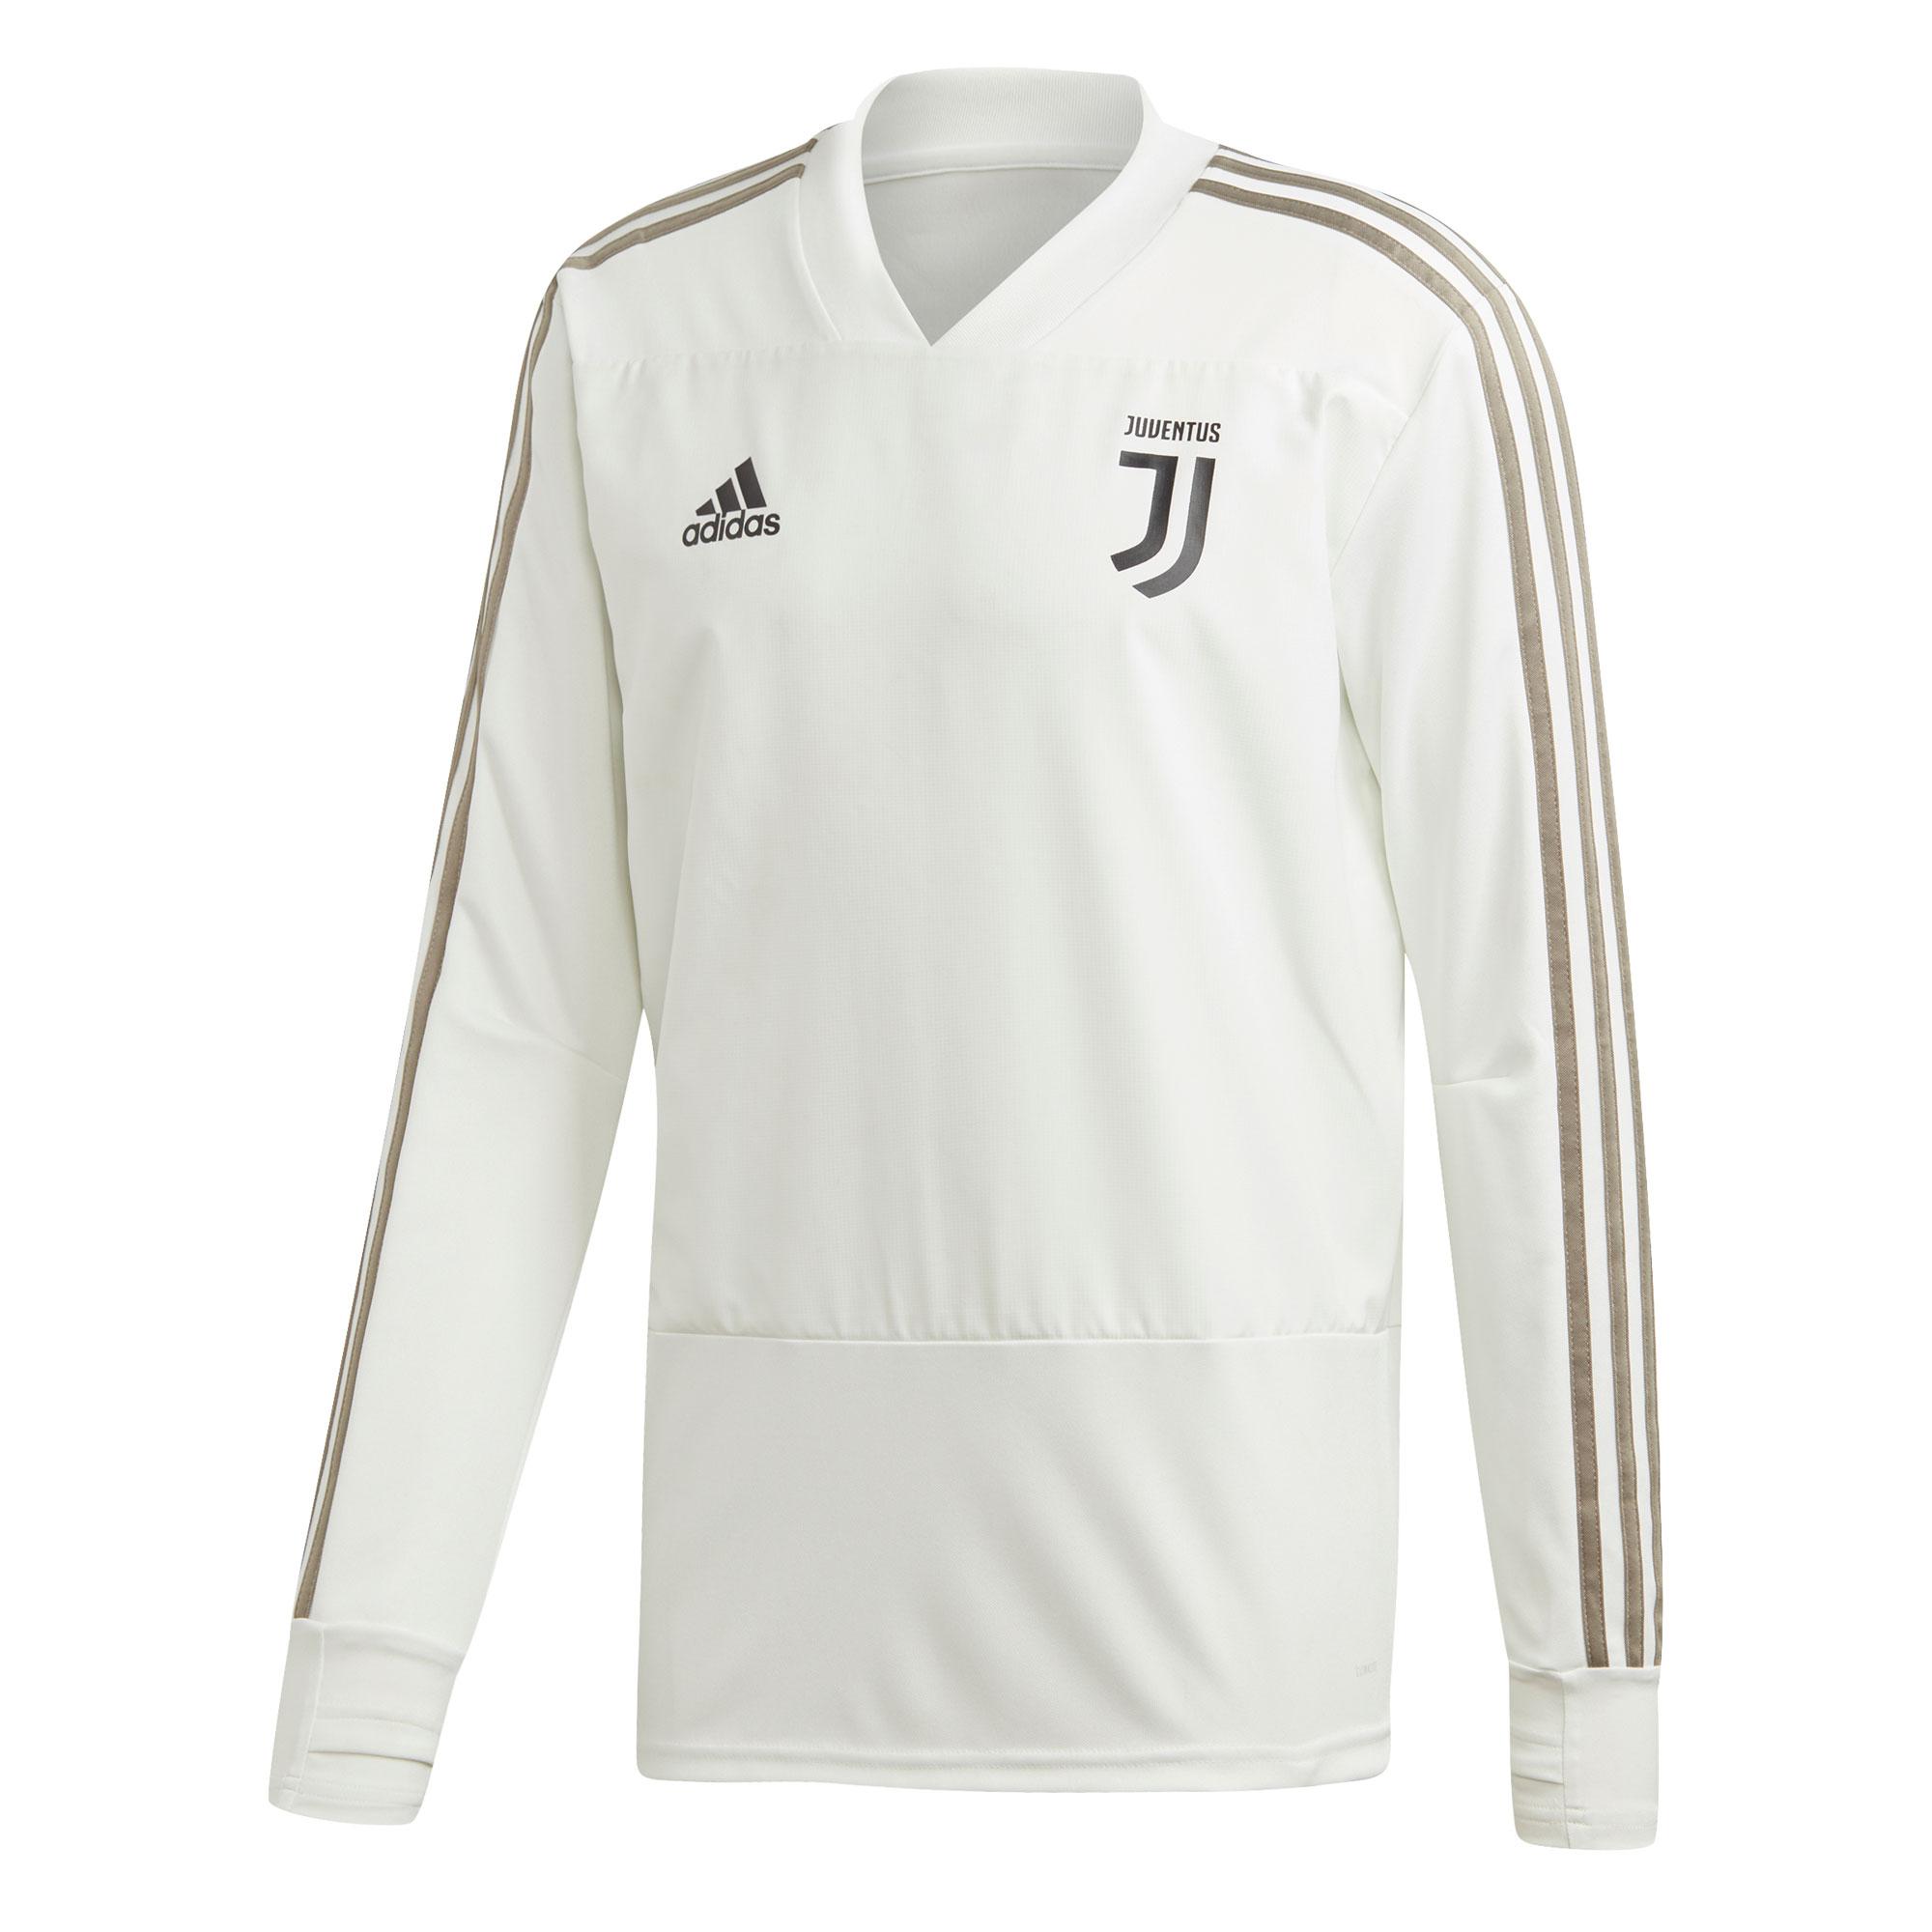 Adidas / Camiseta de entrenamiento de la Juventus en blanco